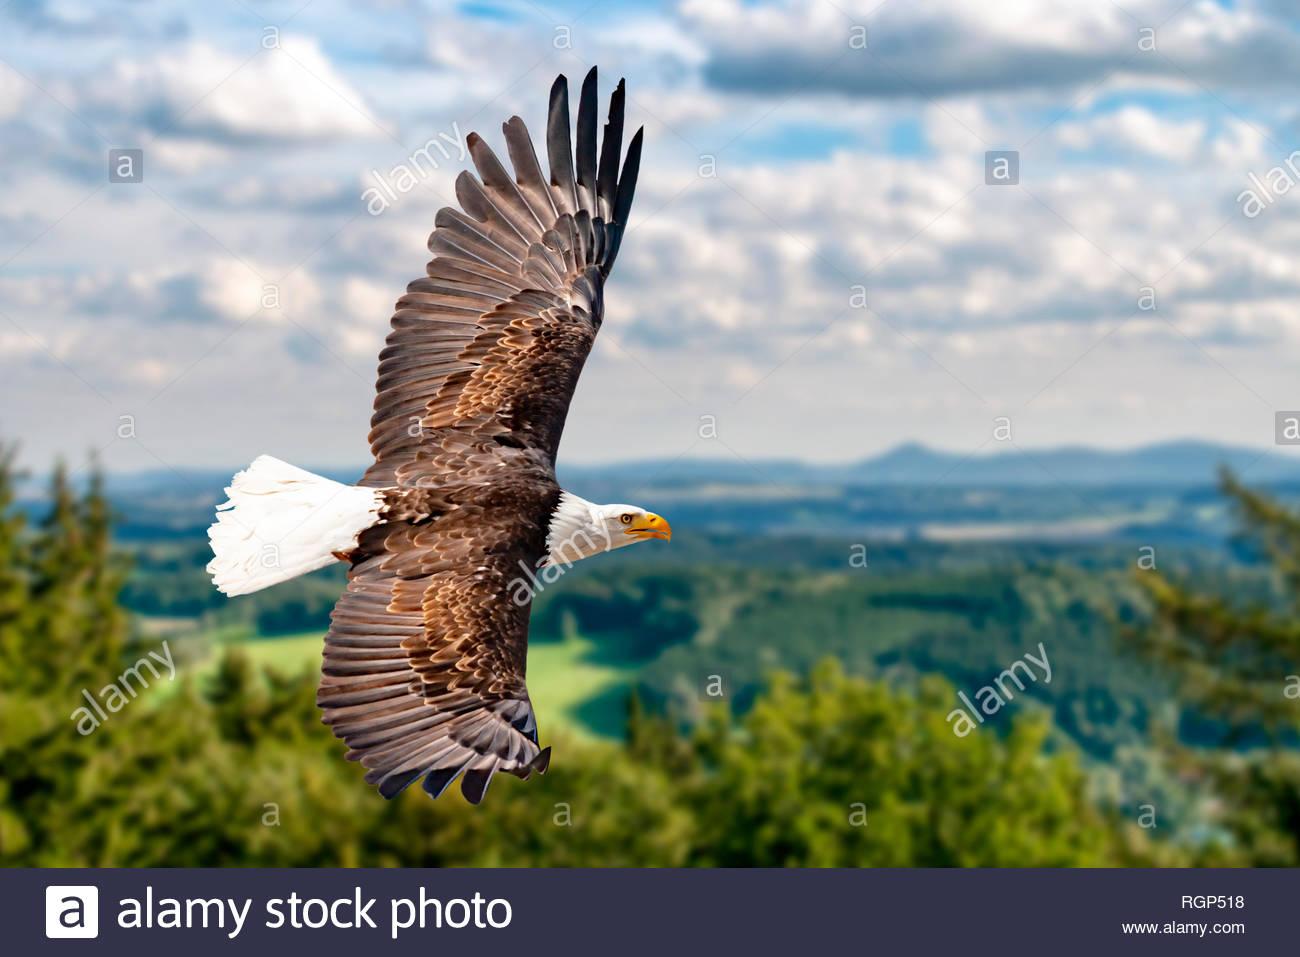 Ein Weißkopfseeadler fliegt in großer Höhe am Himmel und sucht Beute. Es sind Wolken am Himmel aber es herrscht klare Sicht bei strahlender Sonne. Stock Photo